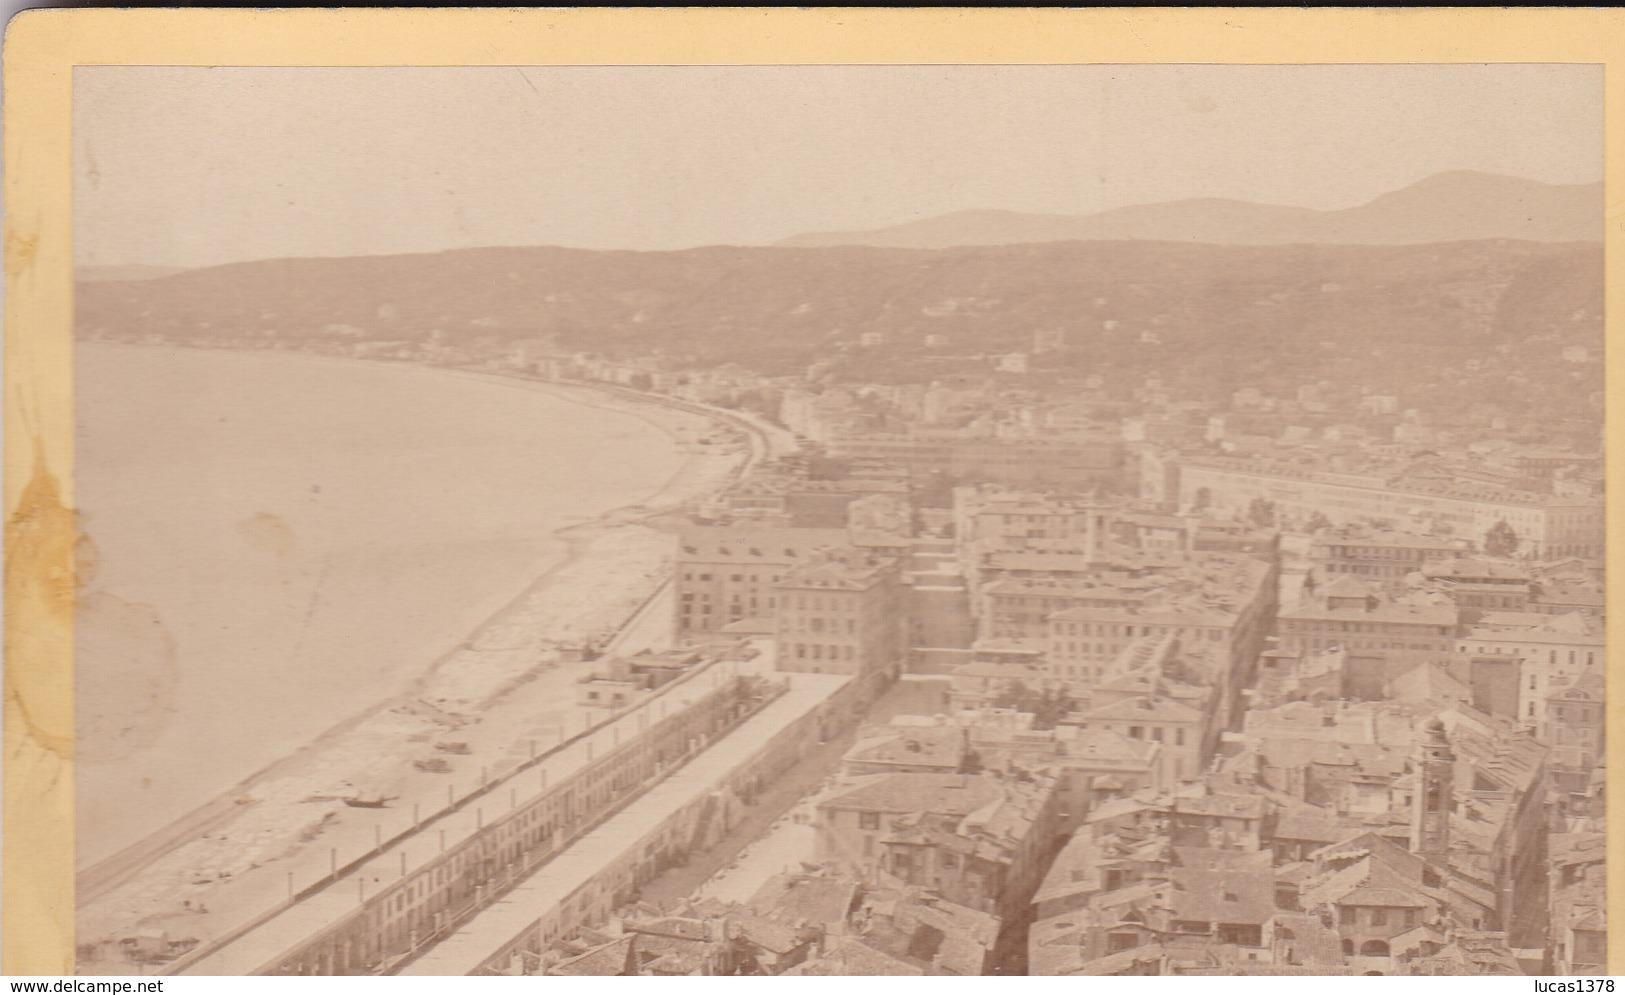 06 / NICE  / VUE PRISE DU CHATEAU / /   PHOTO COLLEE SUR CARTON - FIN XIXe DEBUT XXe Siècle / 16 X 10 CM - Anciennes (Av. 1900)